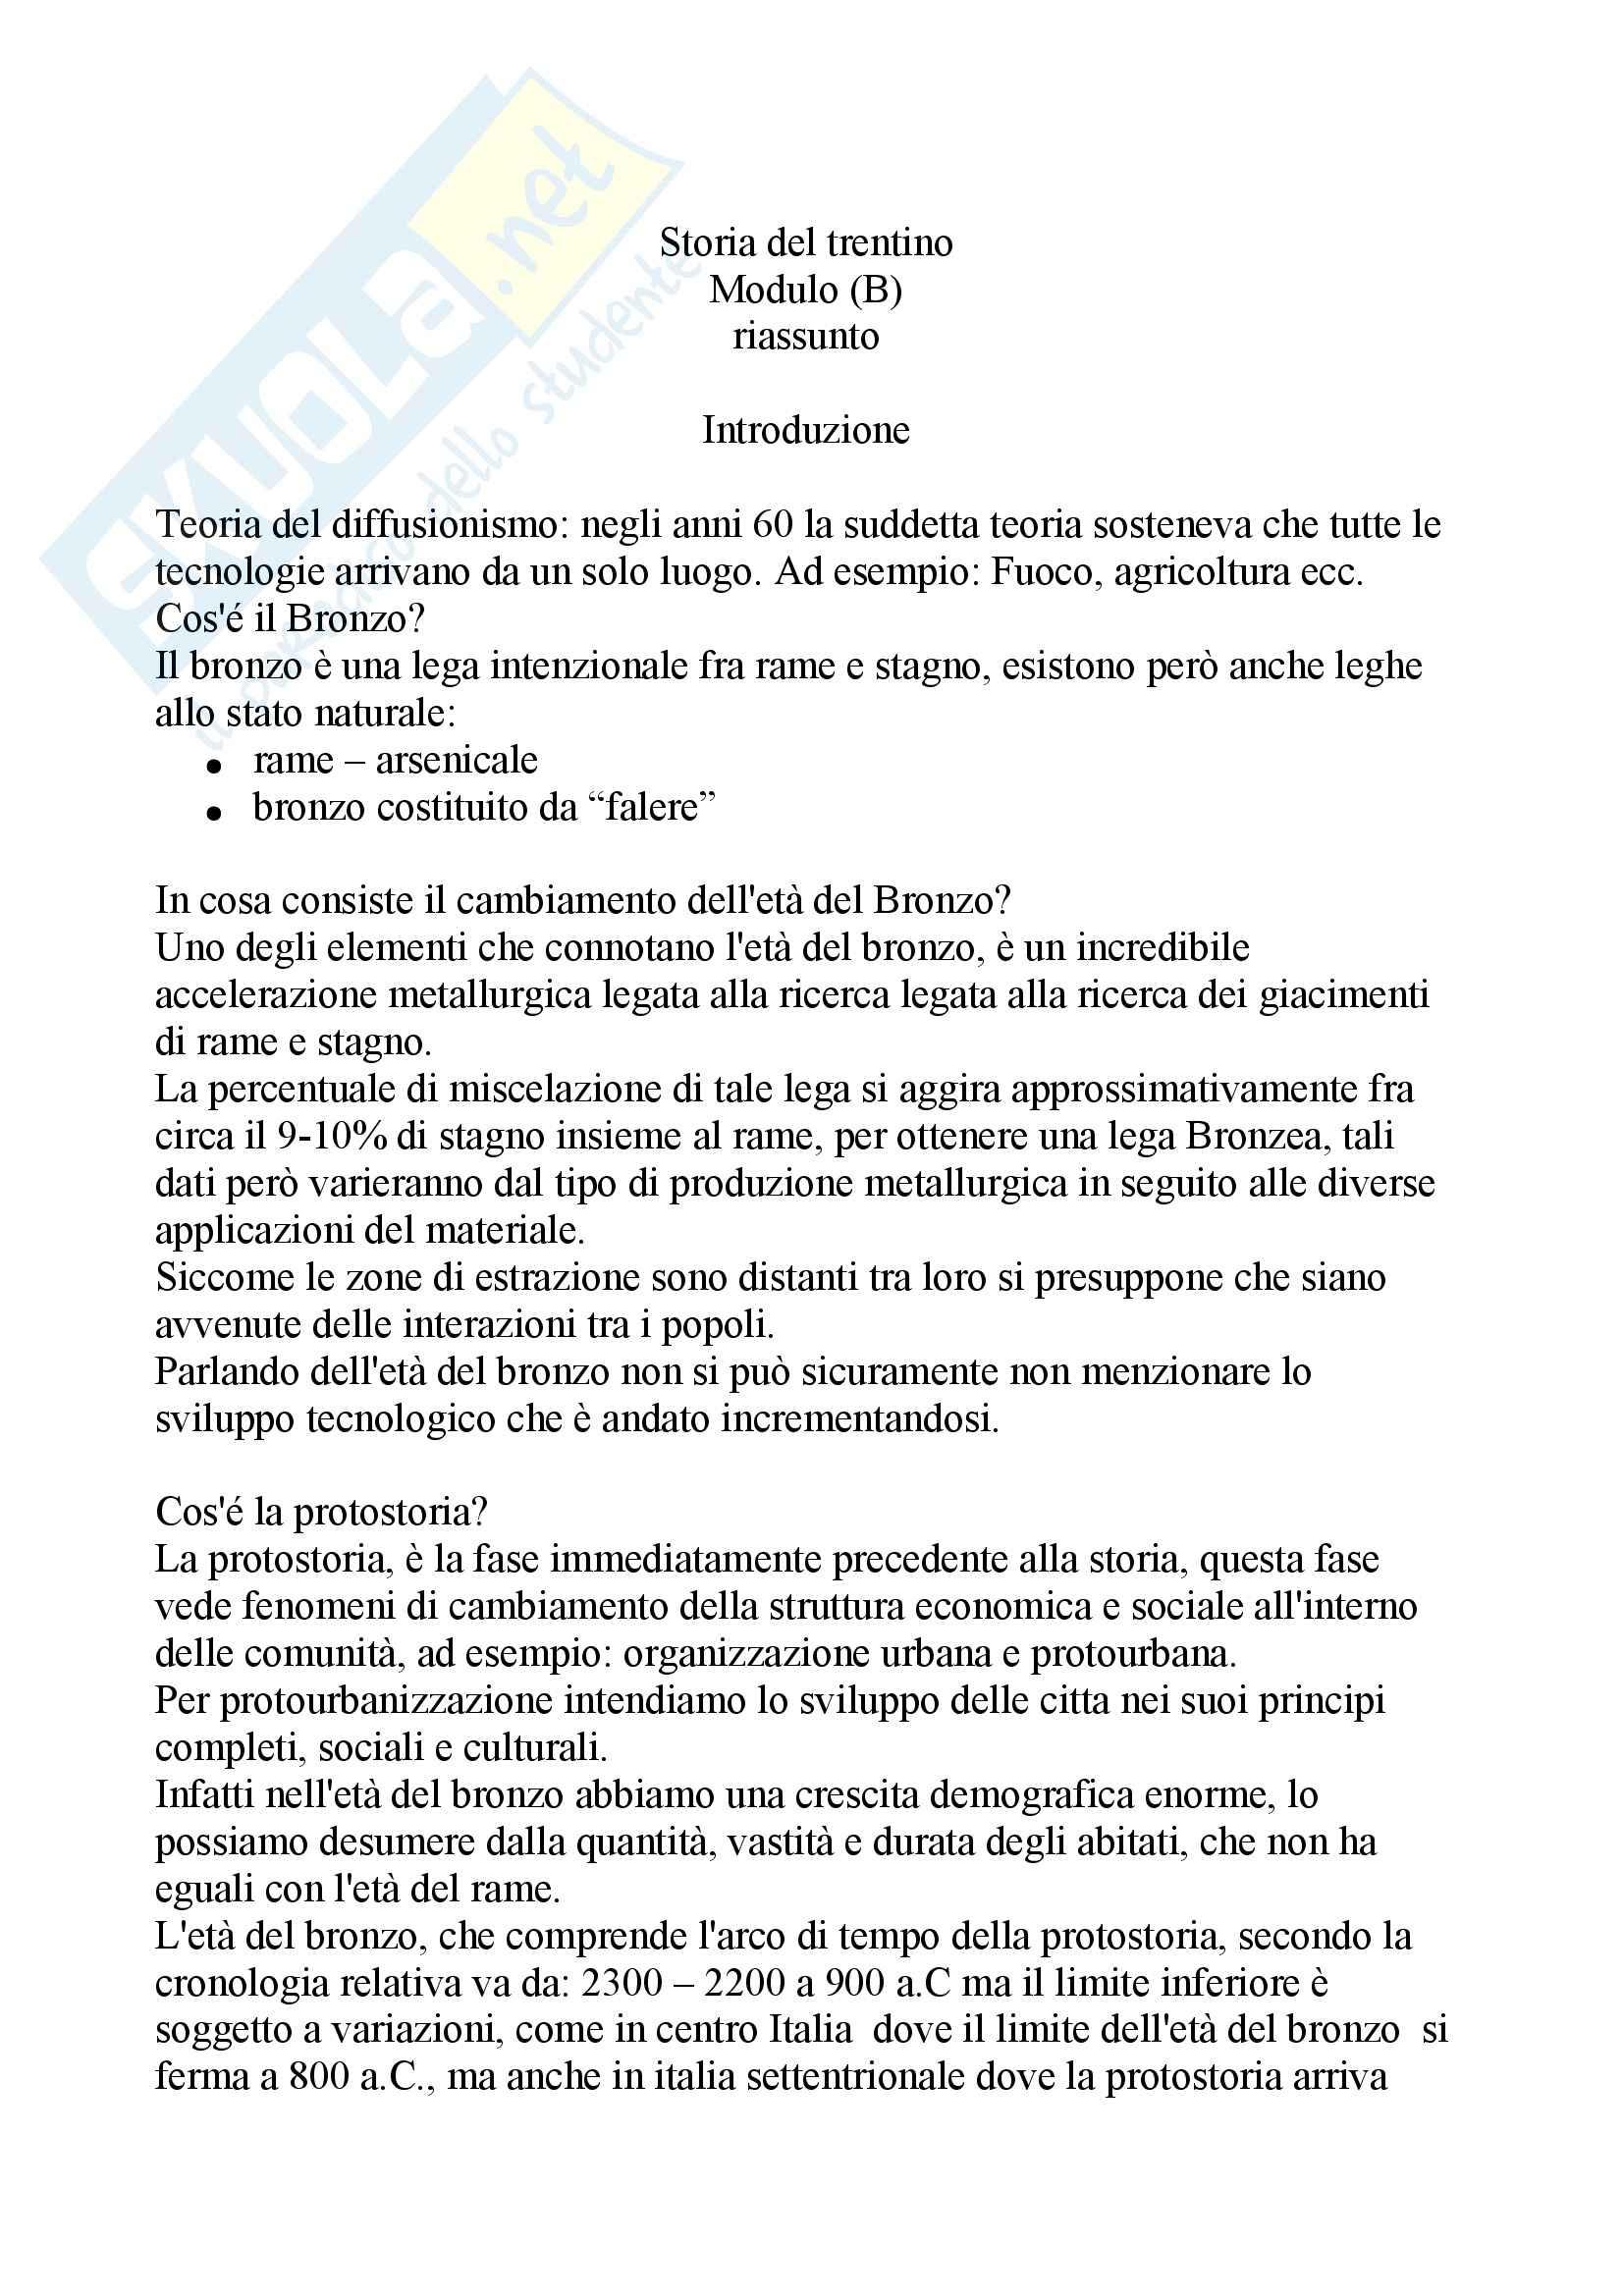 Paletnologia - la storia del Trentino